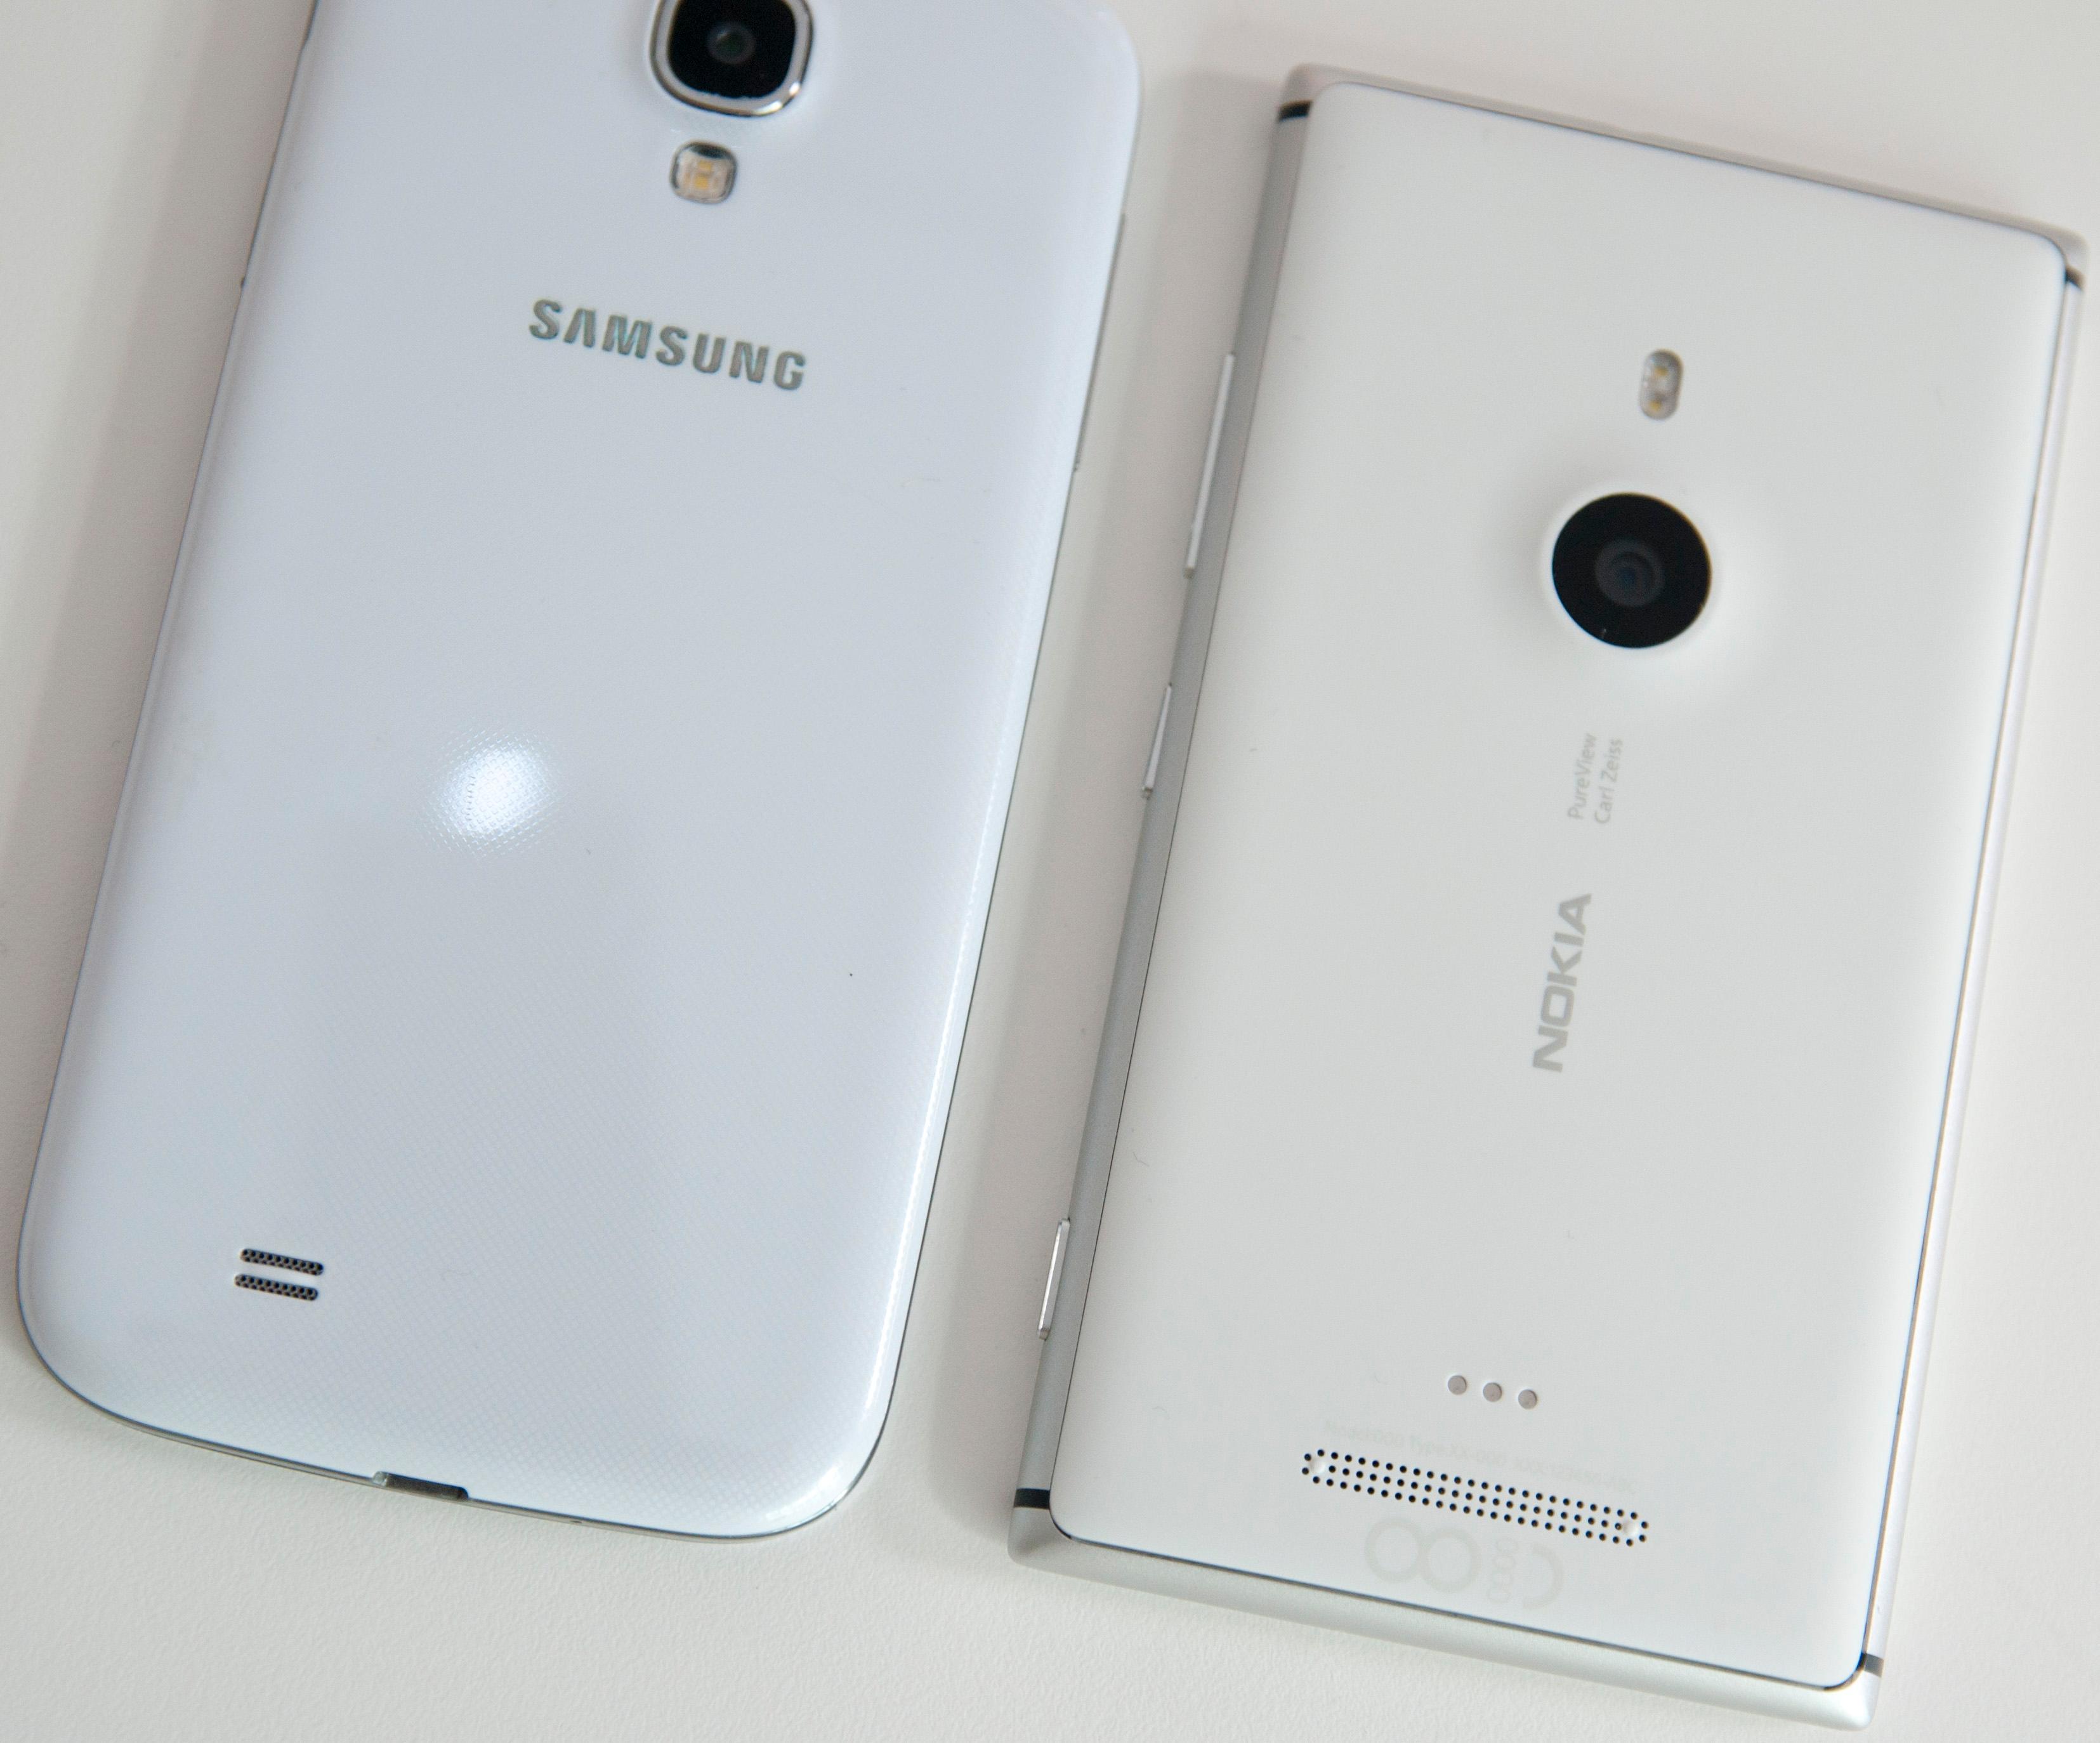 Samsungs toppmodell, Galaxy S4, ved siden av Lumia 925.Foto: Finn Jarle Kvalheim, Amobil.no